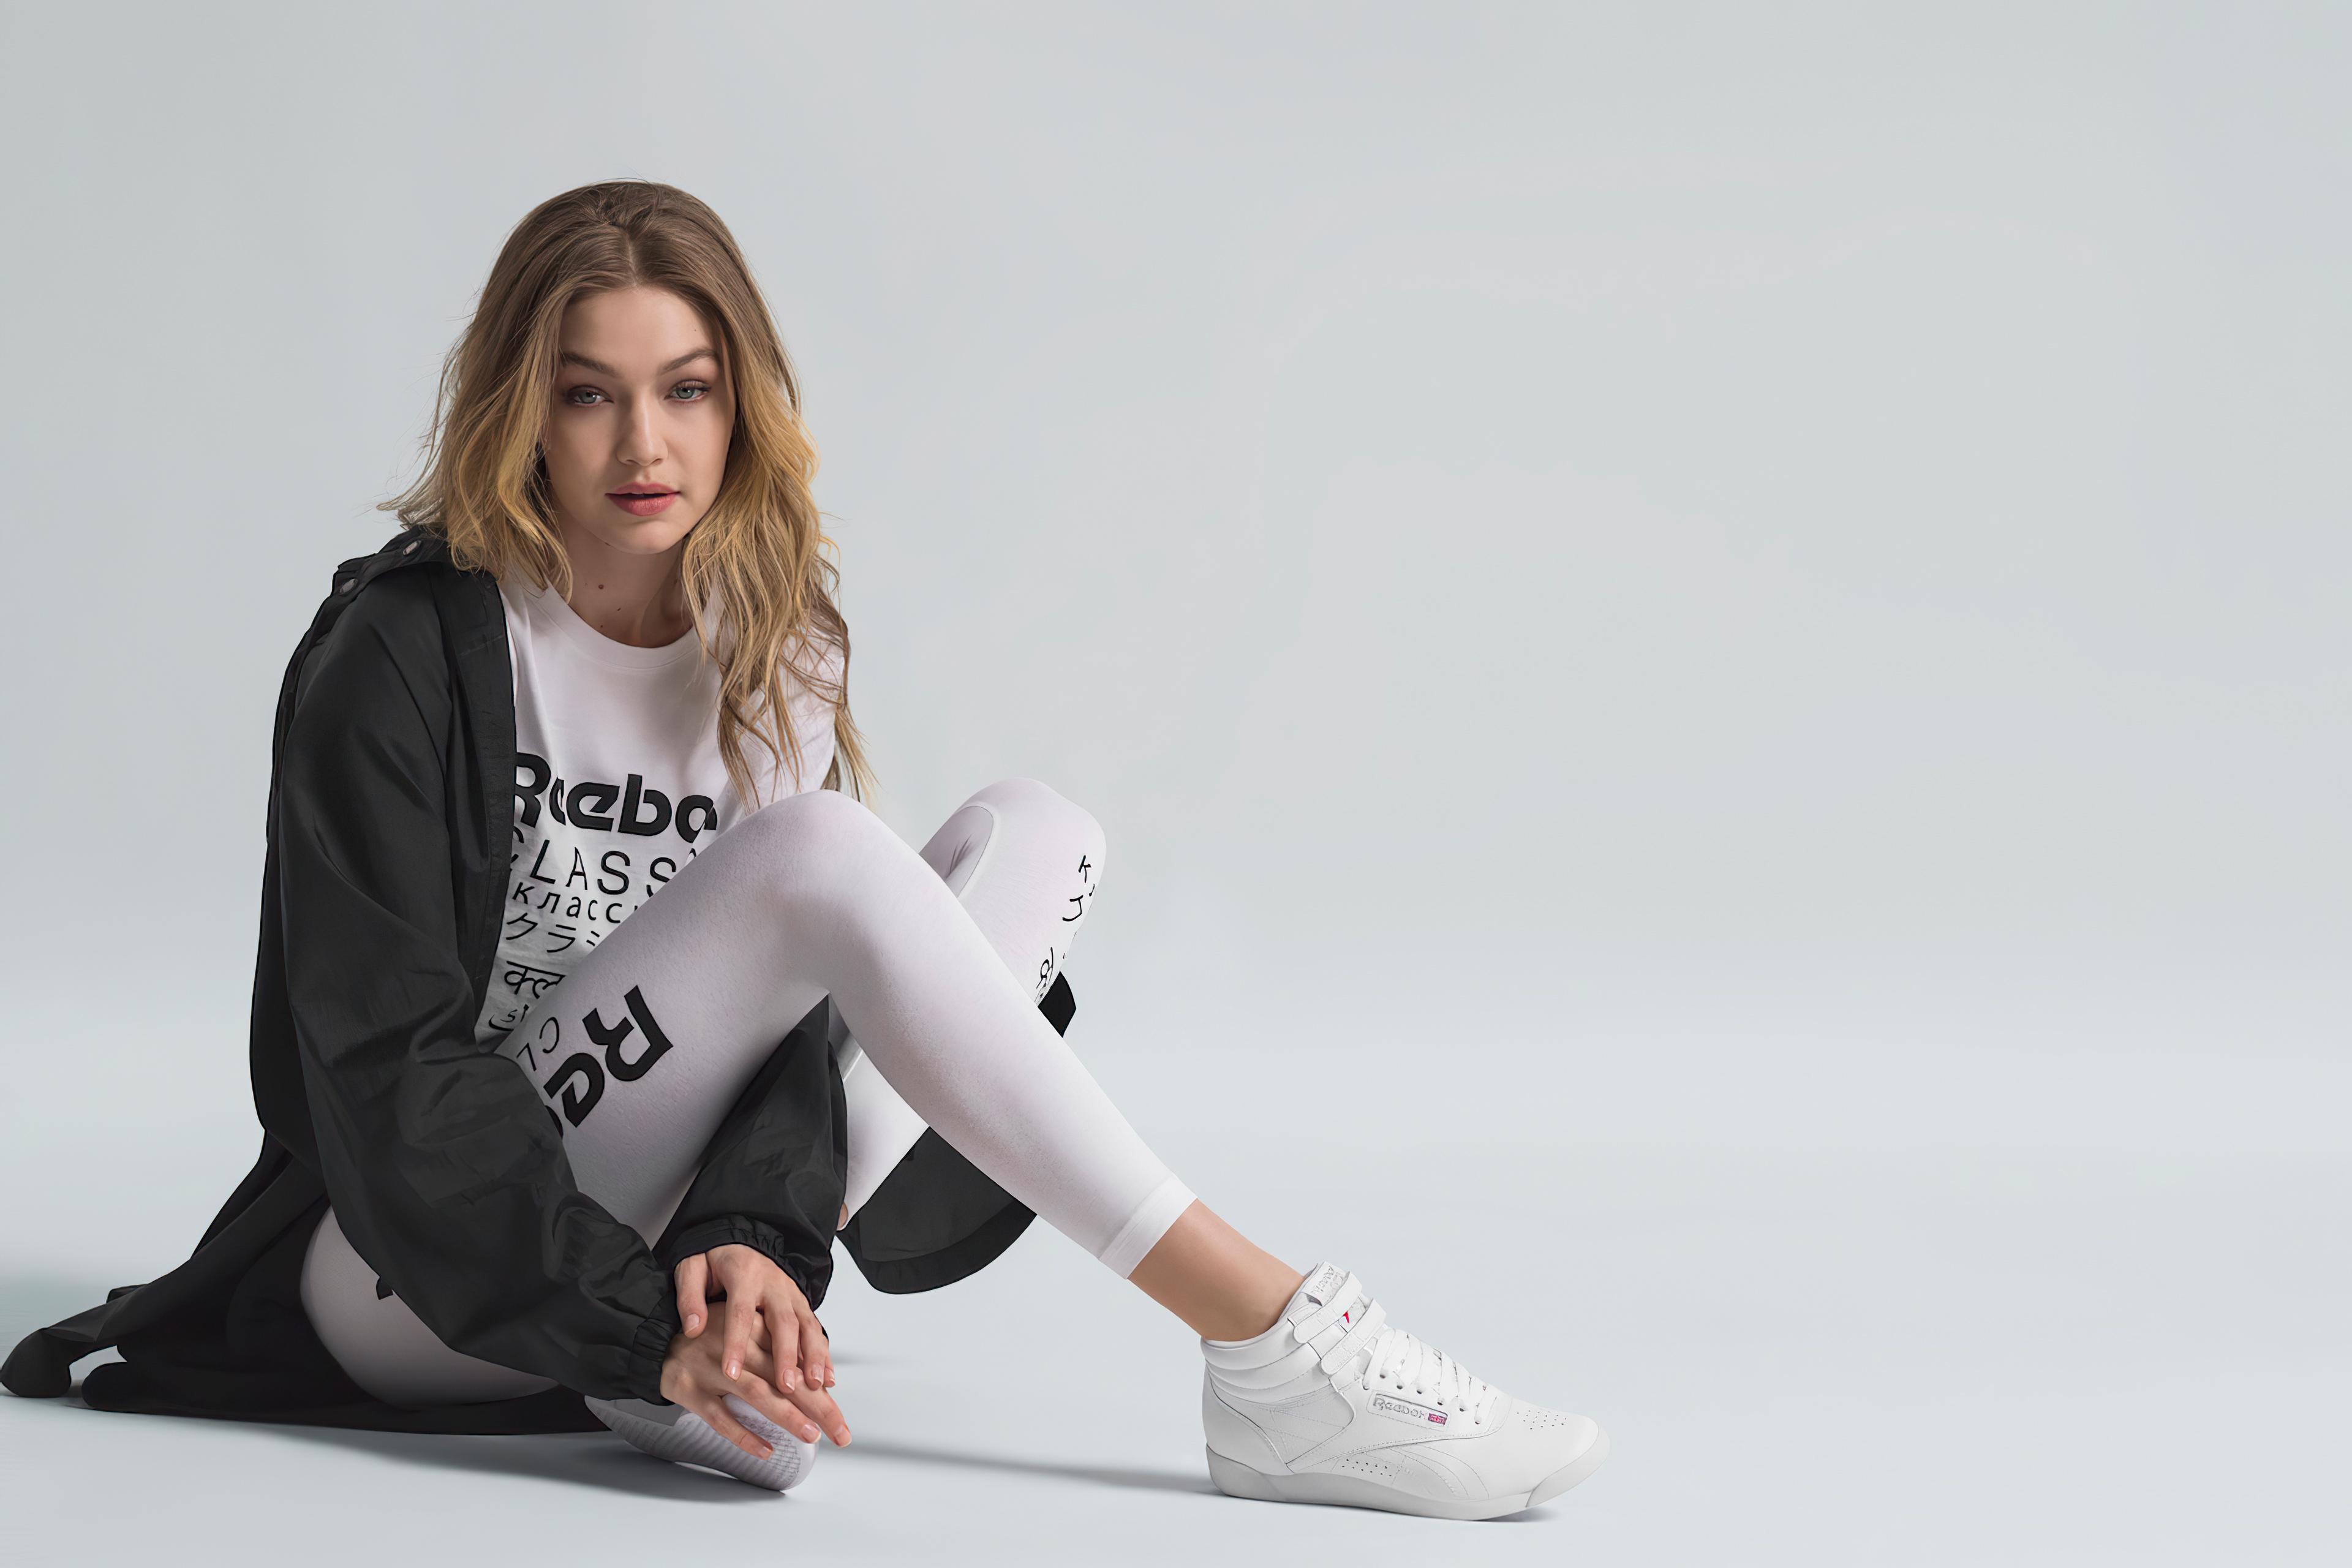 Fondos de pantalla Gigi Hadid para Reebook 2020